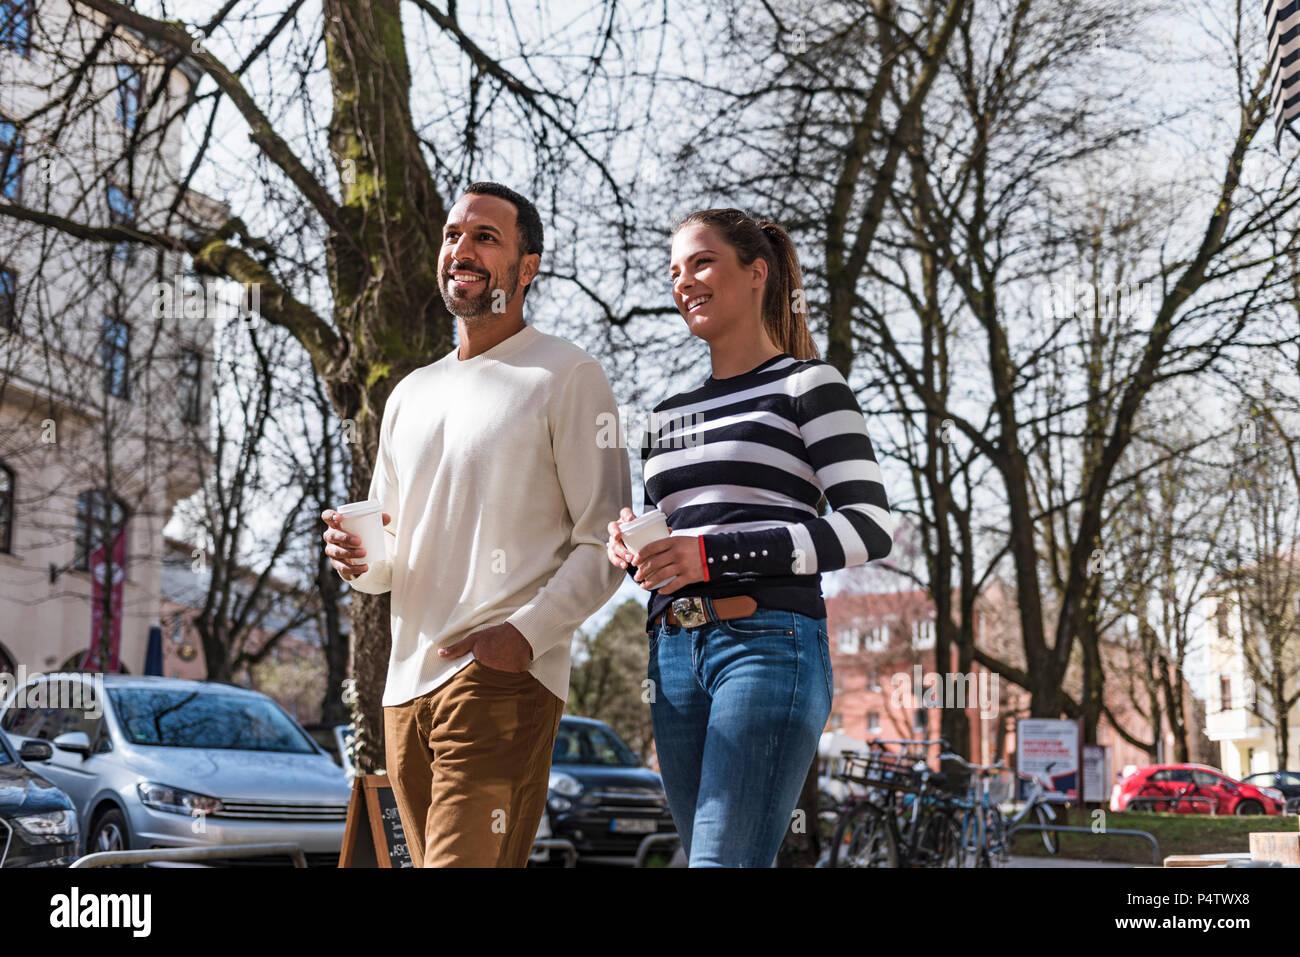 Uomo e donna con coppe da asporto passeggiate in città Immagini Stock